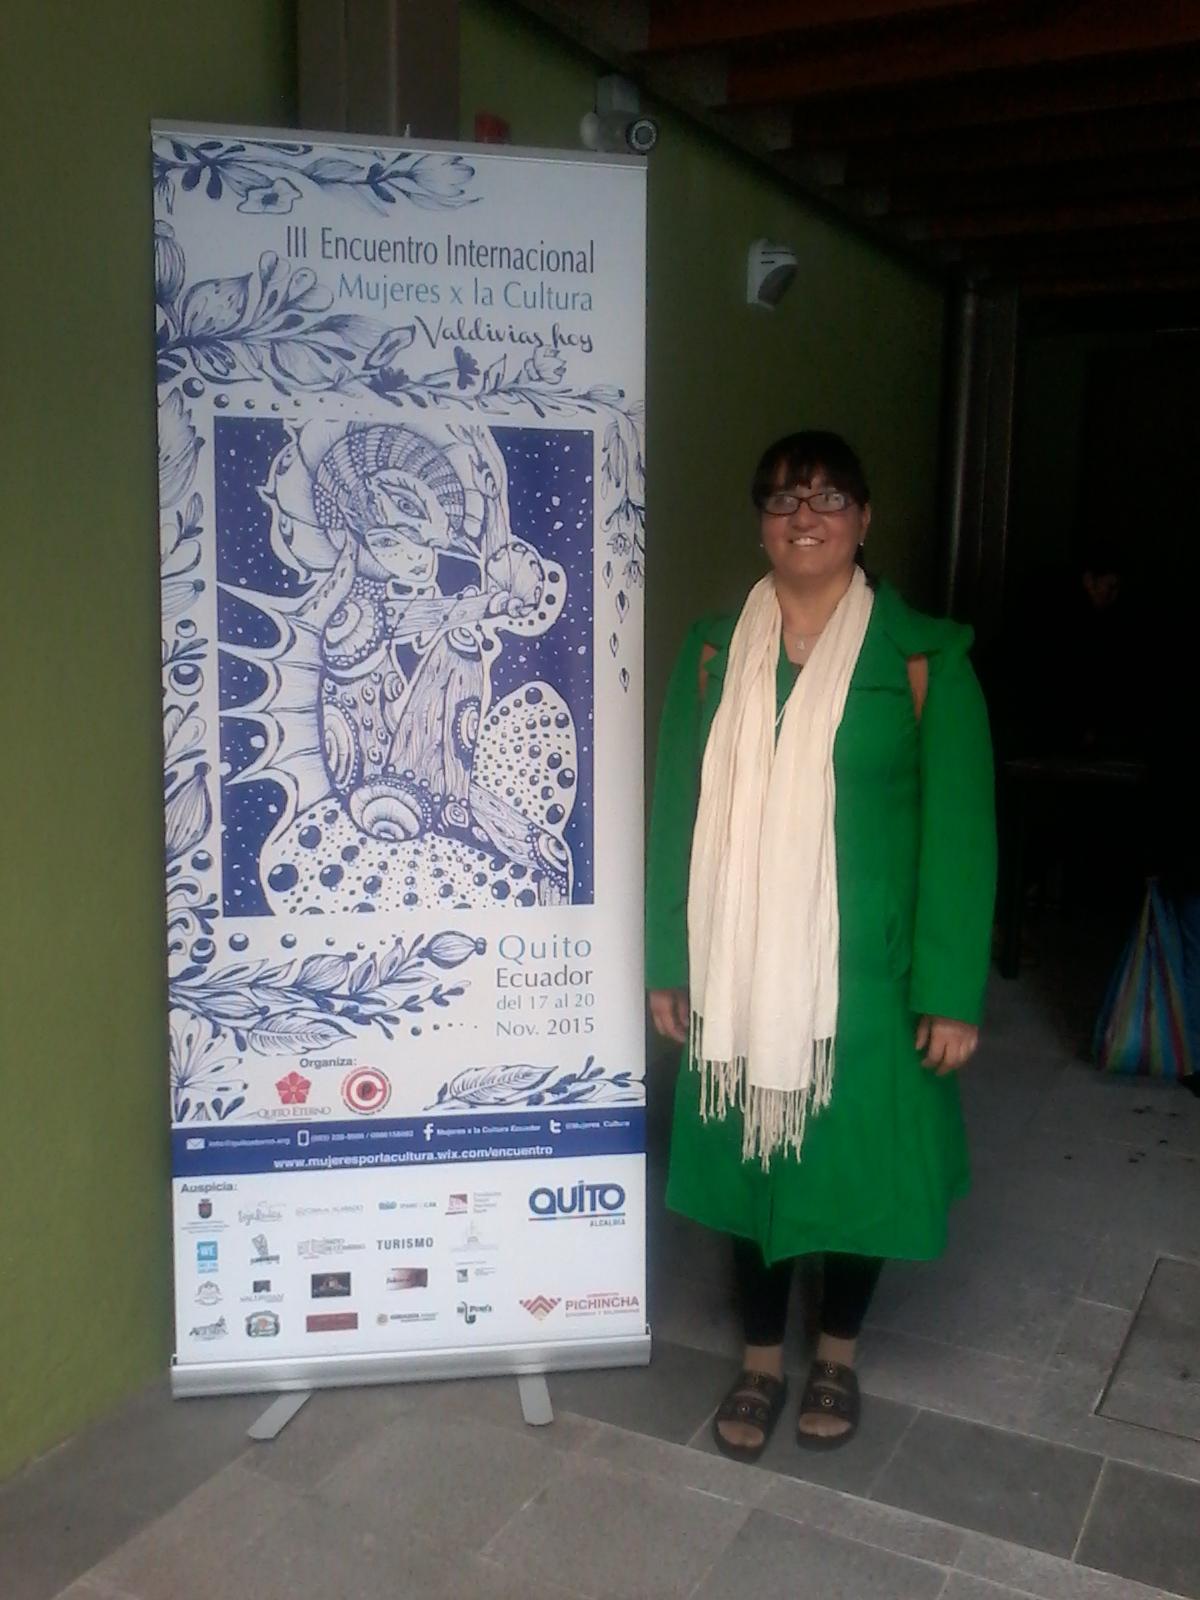 Red Latinoamericana de Mujeres x la  Cultura